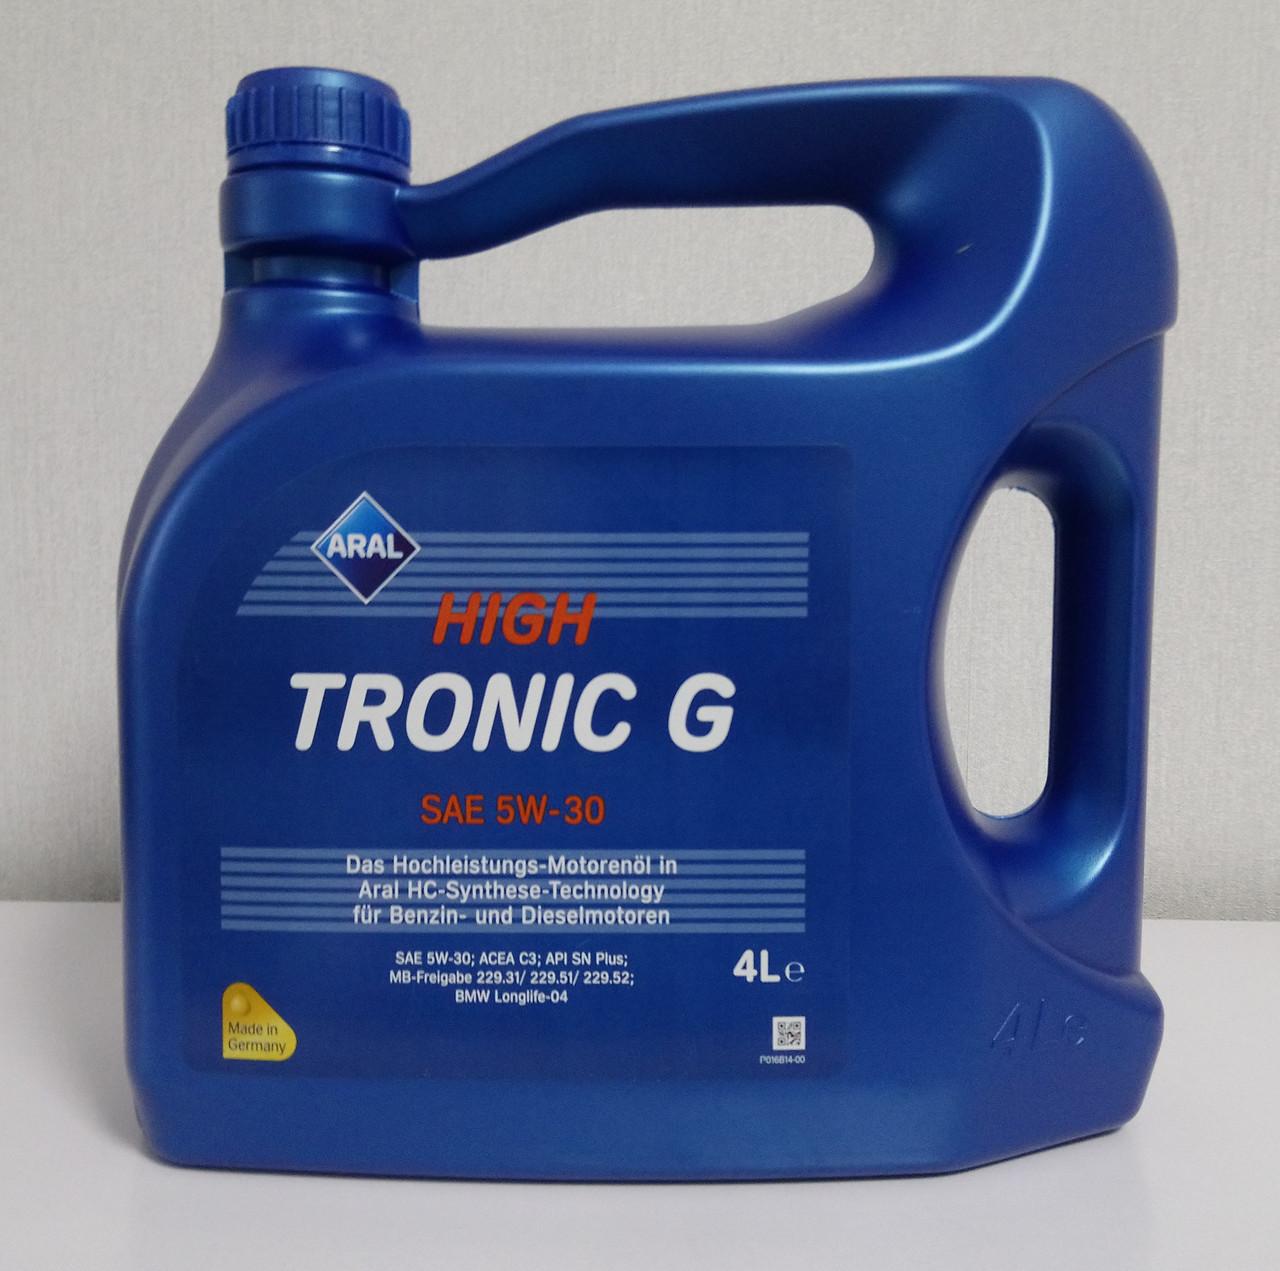 Синтетическое моторное масло Aral HighTronic G 5W-30